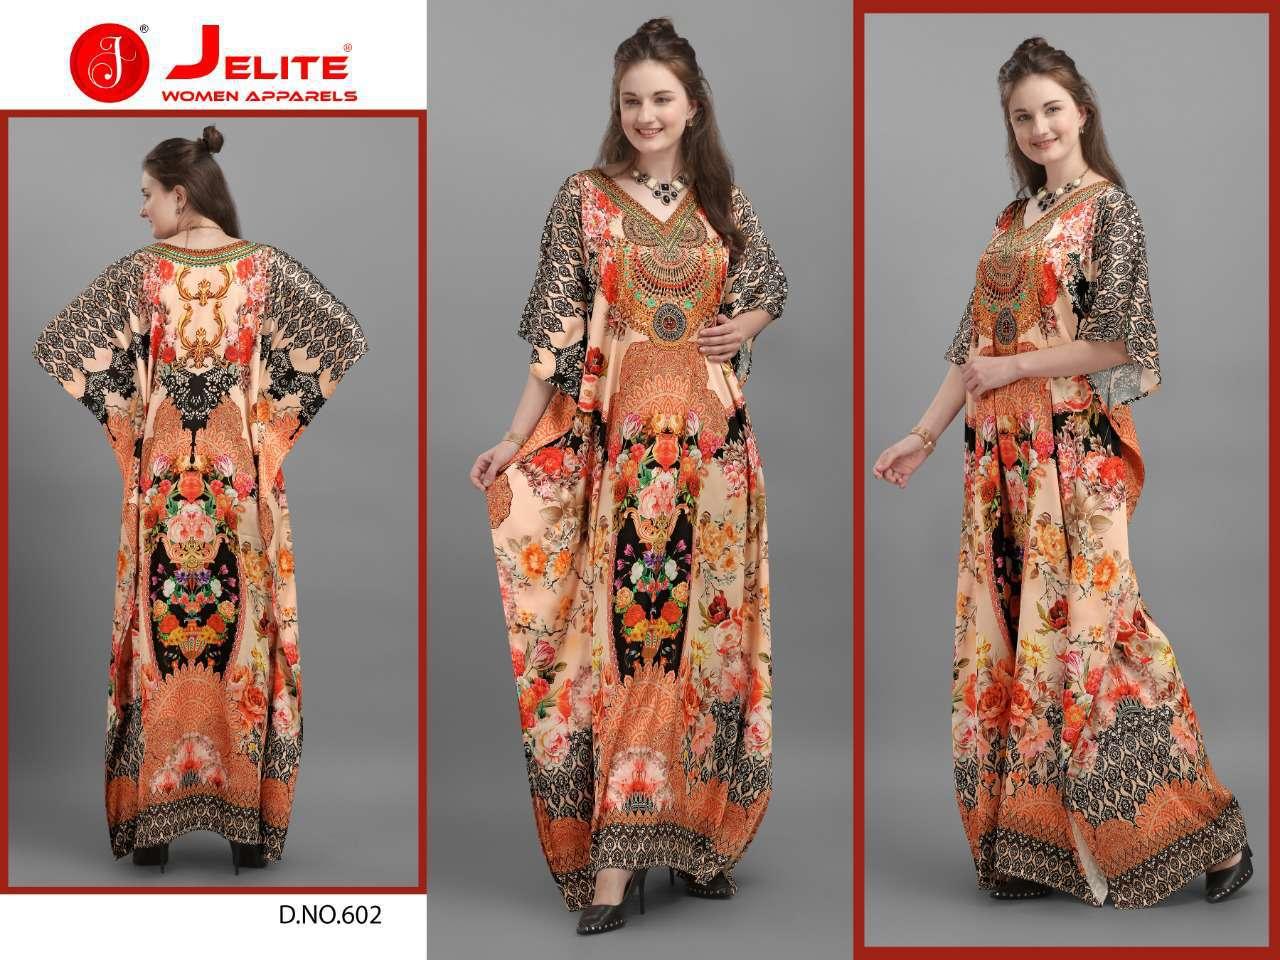 Jelite Kaftans Vol 6 Kurti Wholesale Catalog 8 Pcs 4 - Jelite Kaftans Vol 6 Kurti Wholesale Catalog 8 Pcs